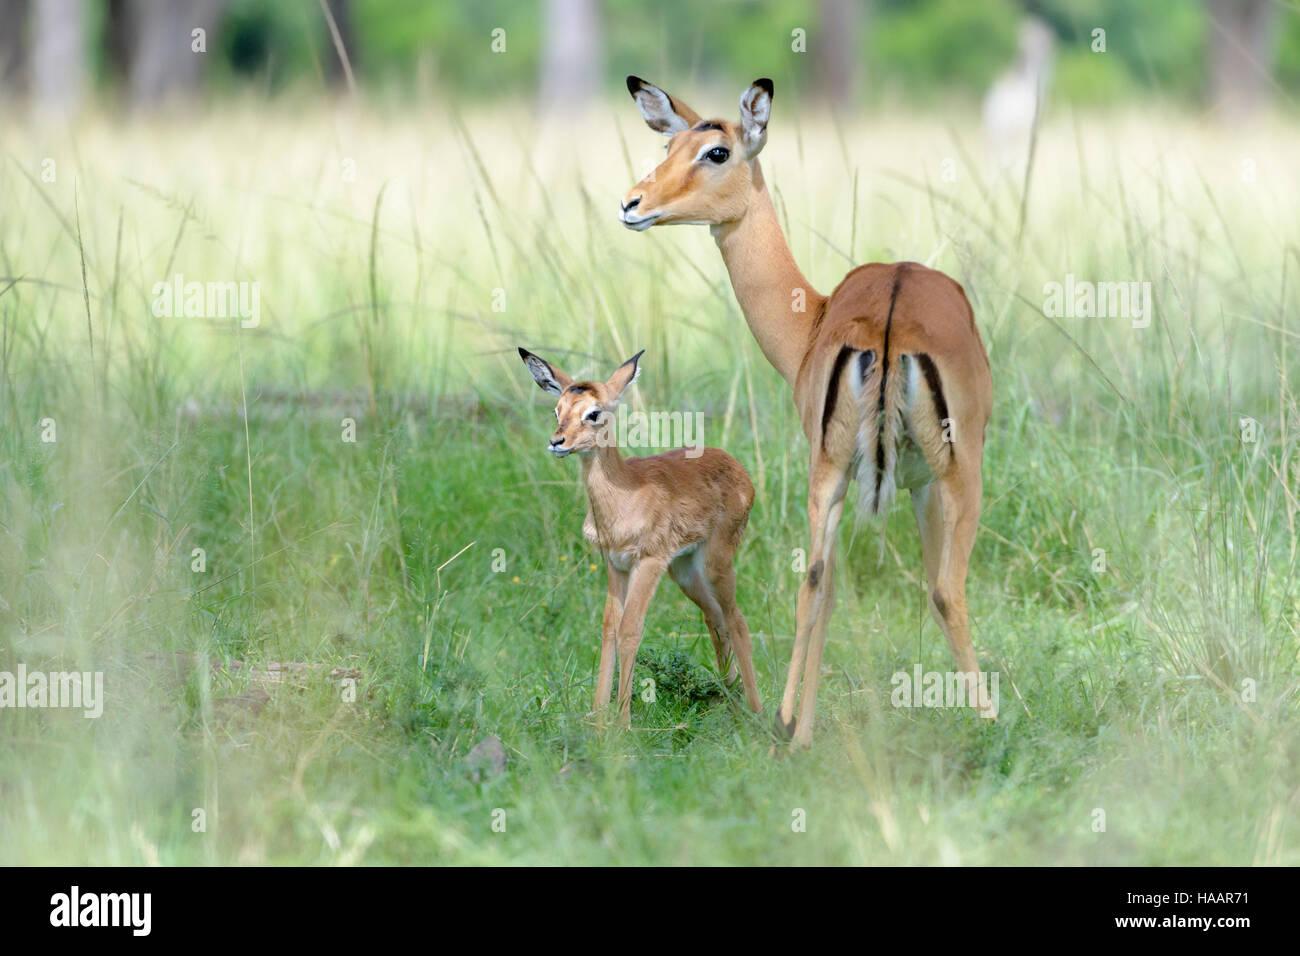 El Impala (Aepyceros melampus) la madre y el recién nacido, lactante, bebé, Reserva Nacional Maasai Mara, Imagen De Stock